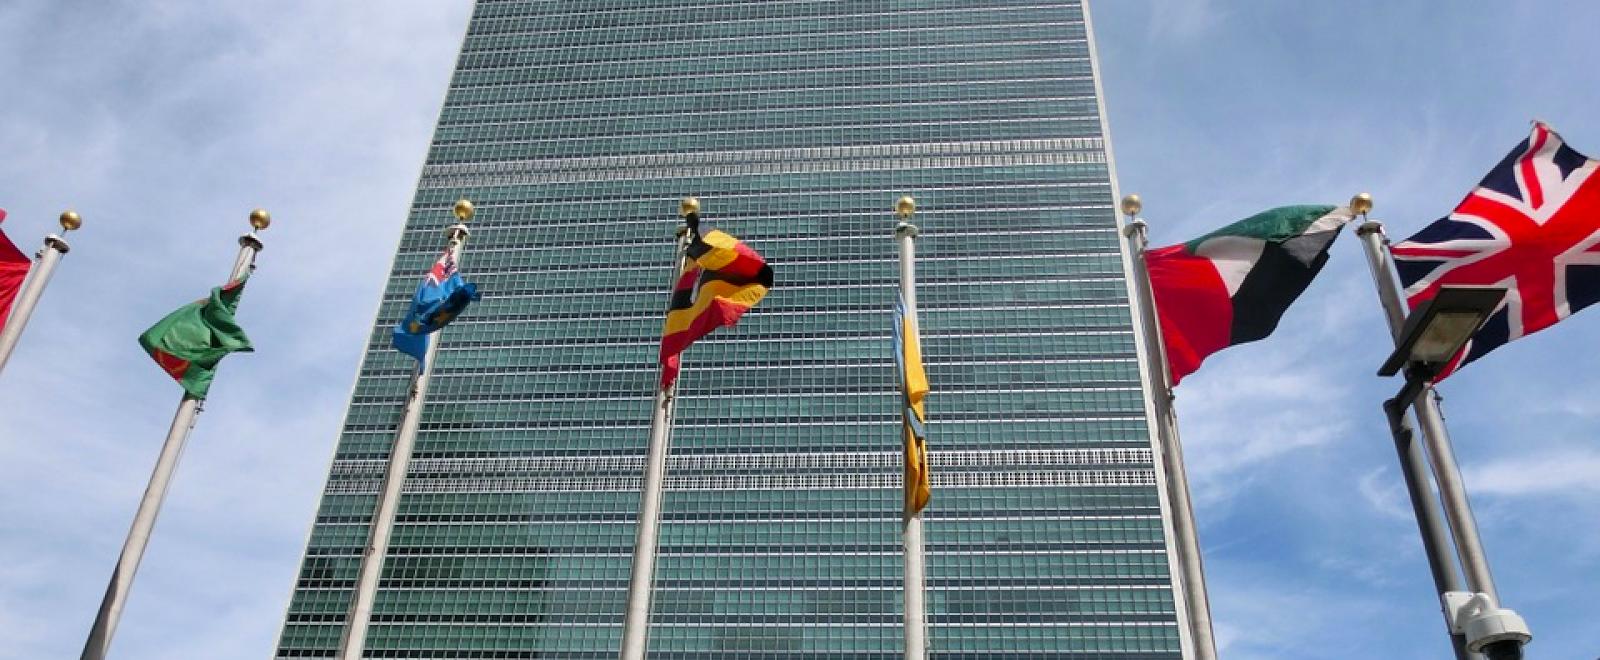 Seu de les Nacions Unides a Nova York